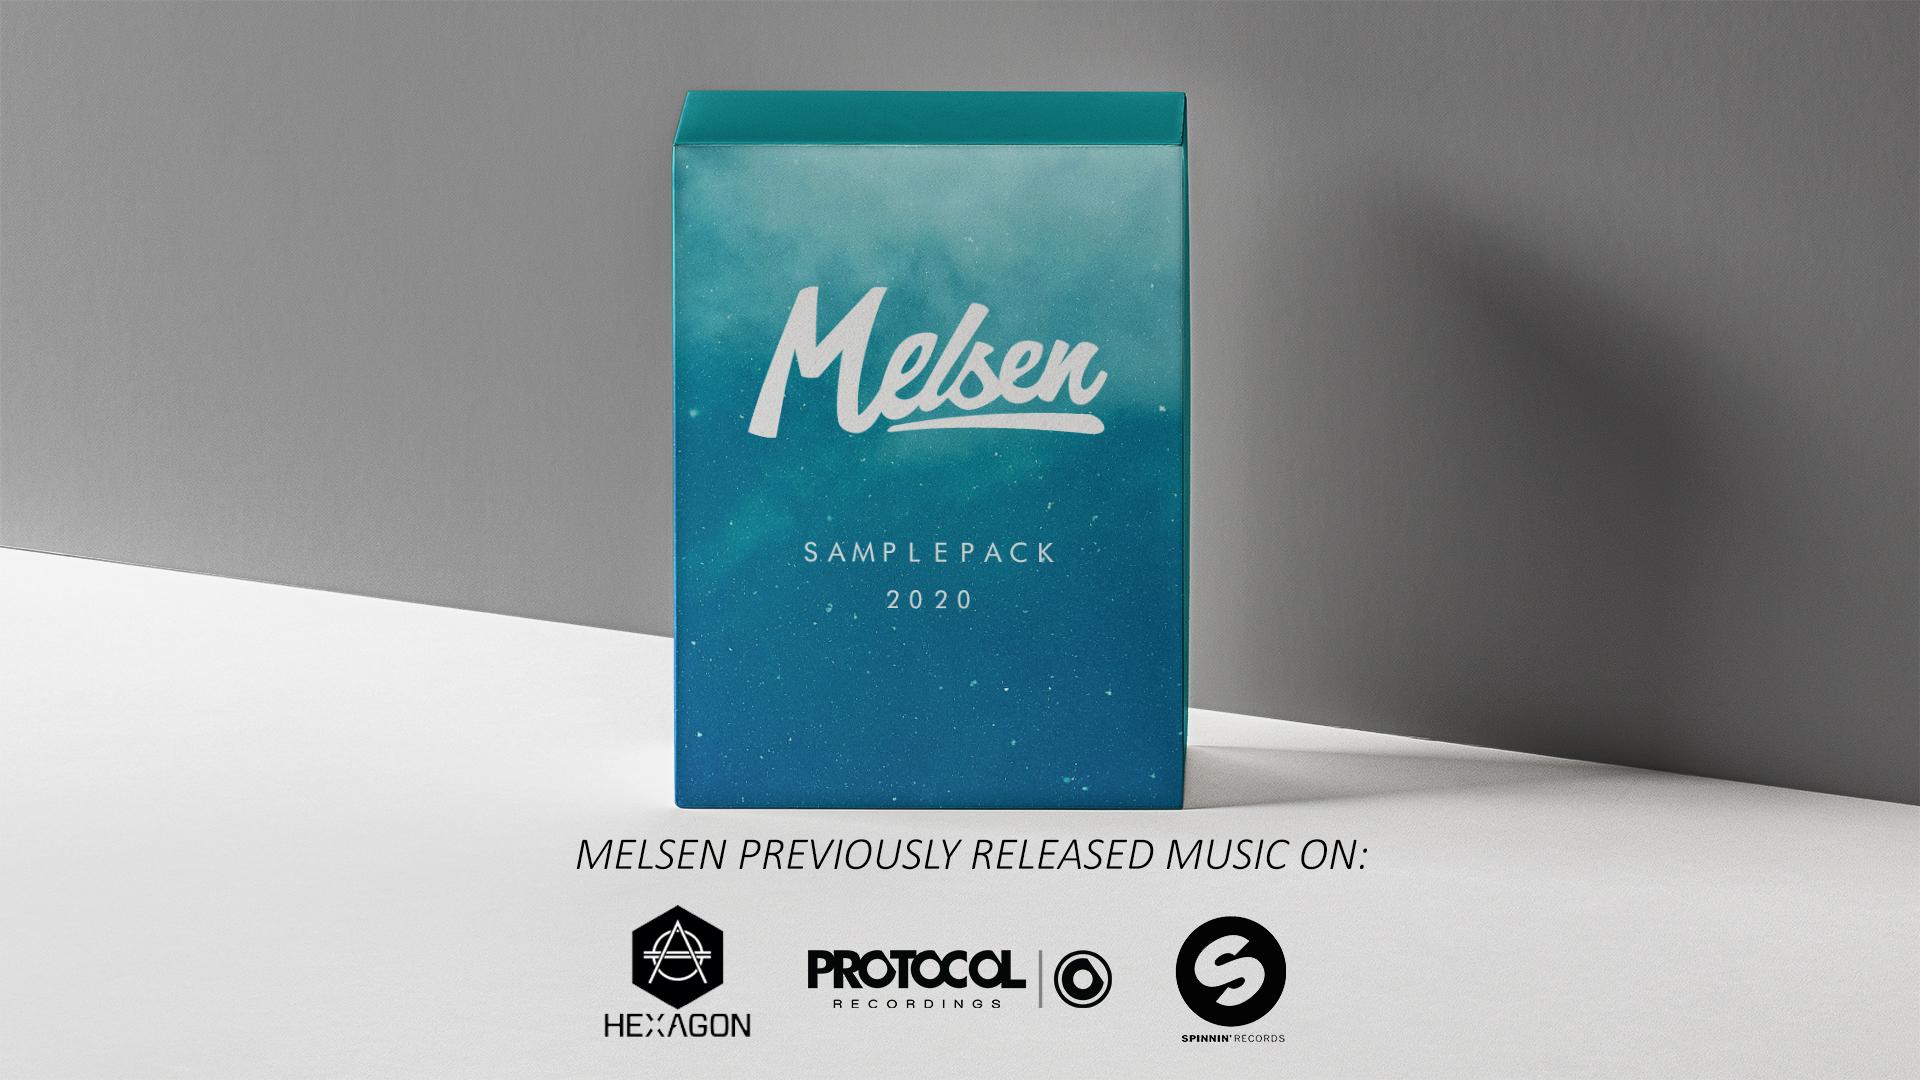 Melsen Sample Pack 2020 - mockup 1920 1080 met label logos